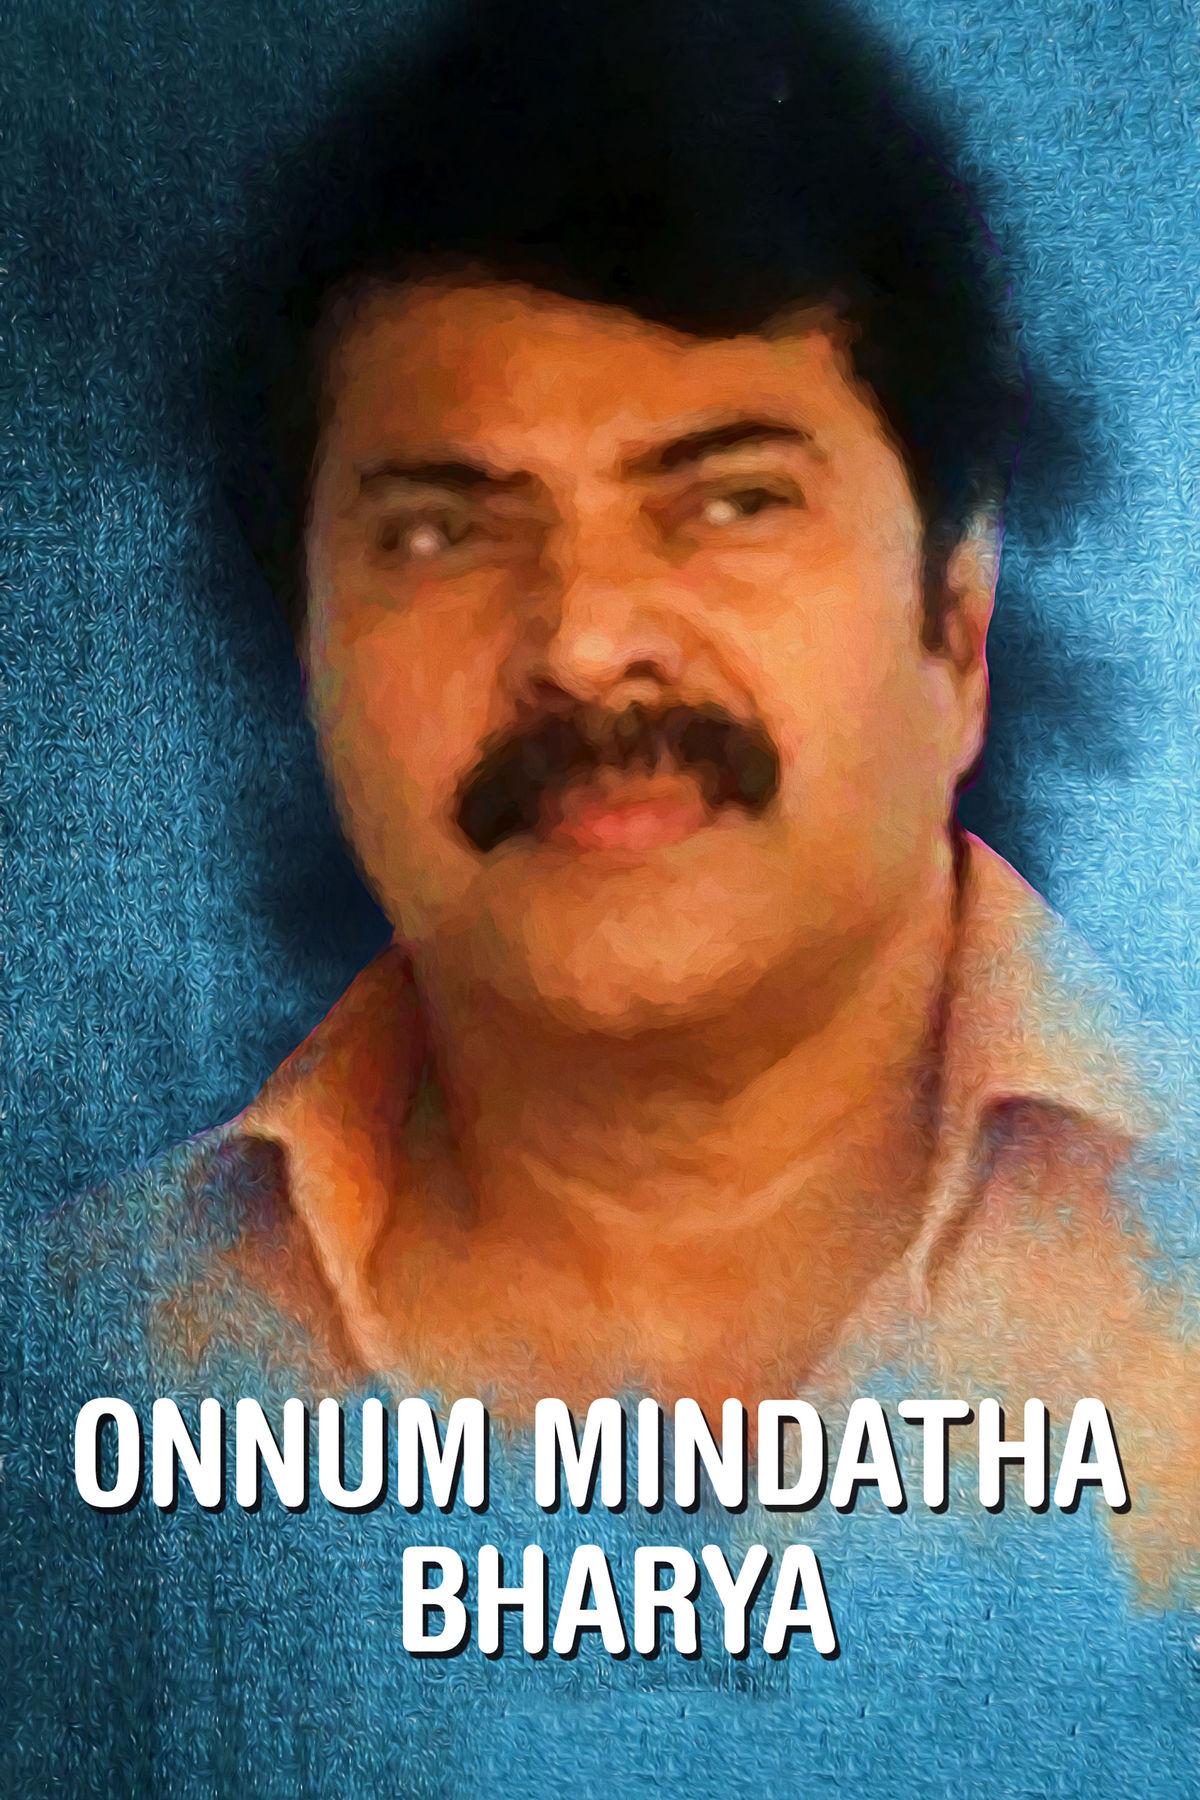 Onnum Mindatha Bharya